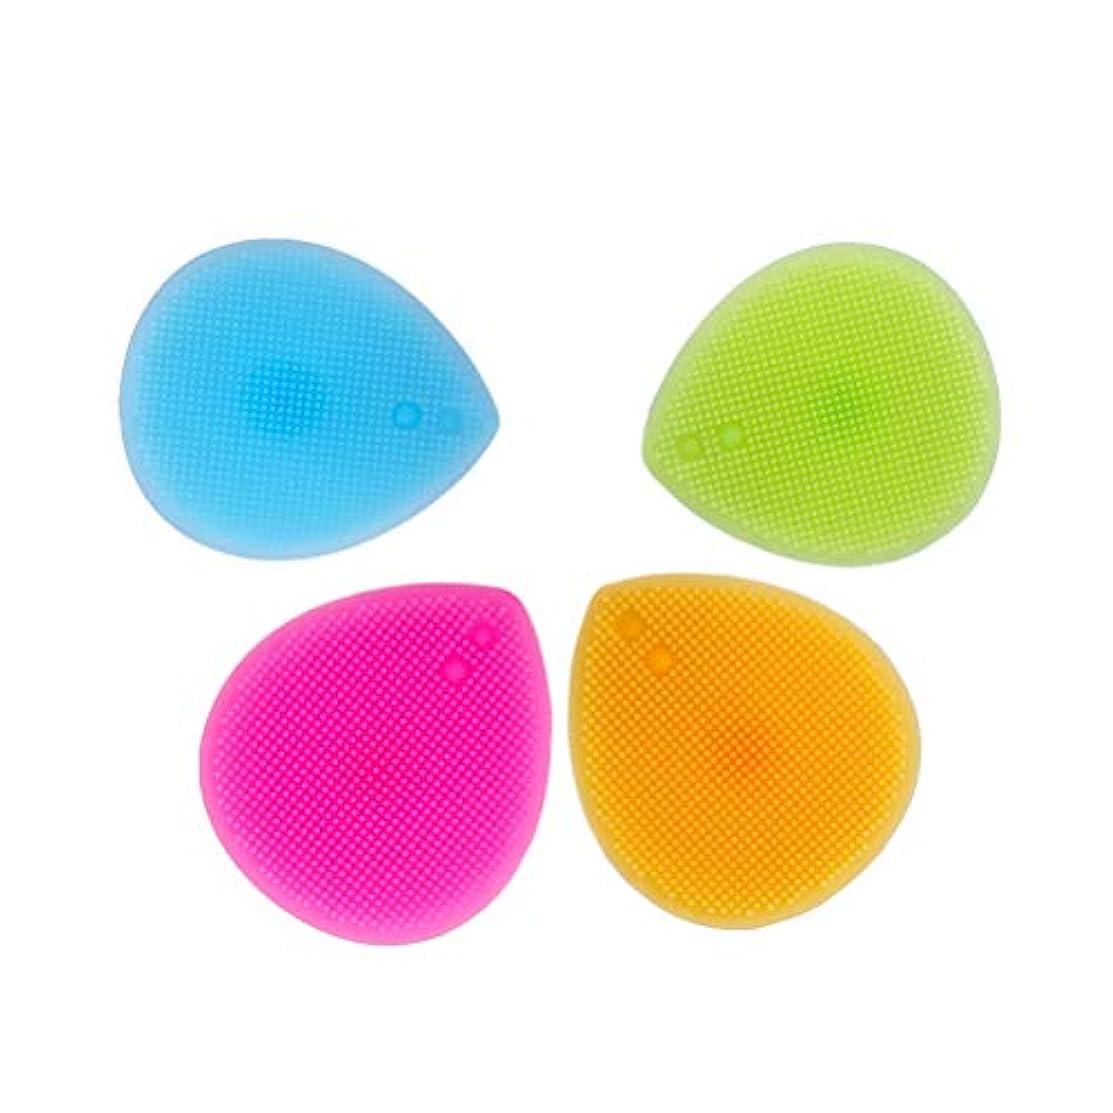 比類なきイーウェル差し控えるHEALIFTY シリコーンブラシクリーナー4PCSメイクアップブラシクリーニングパッドリトルラバーマット(オレンジ+ローズ+ブルー+グリーン)